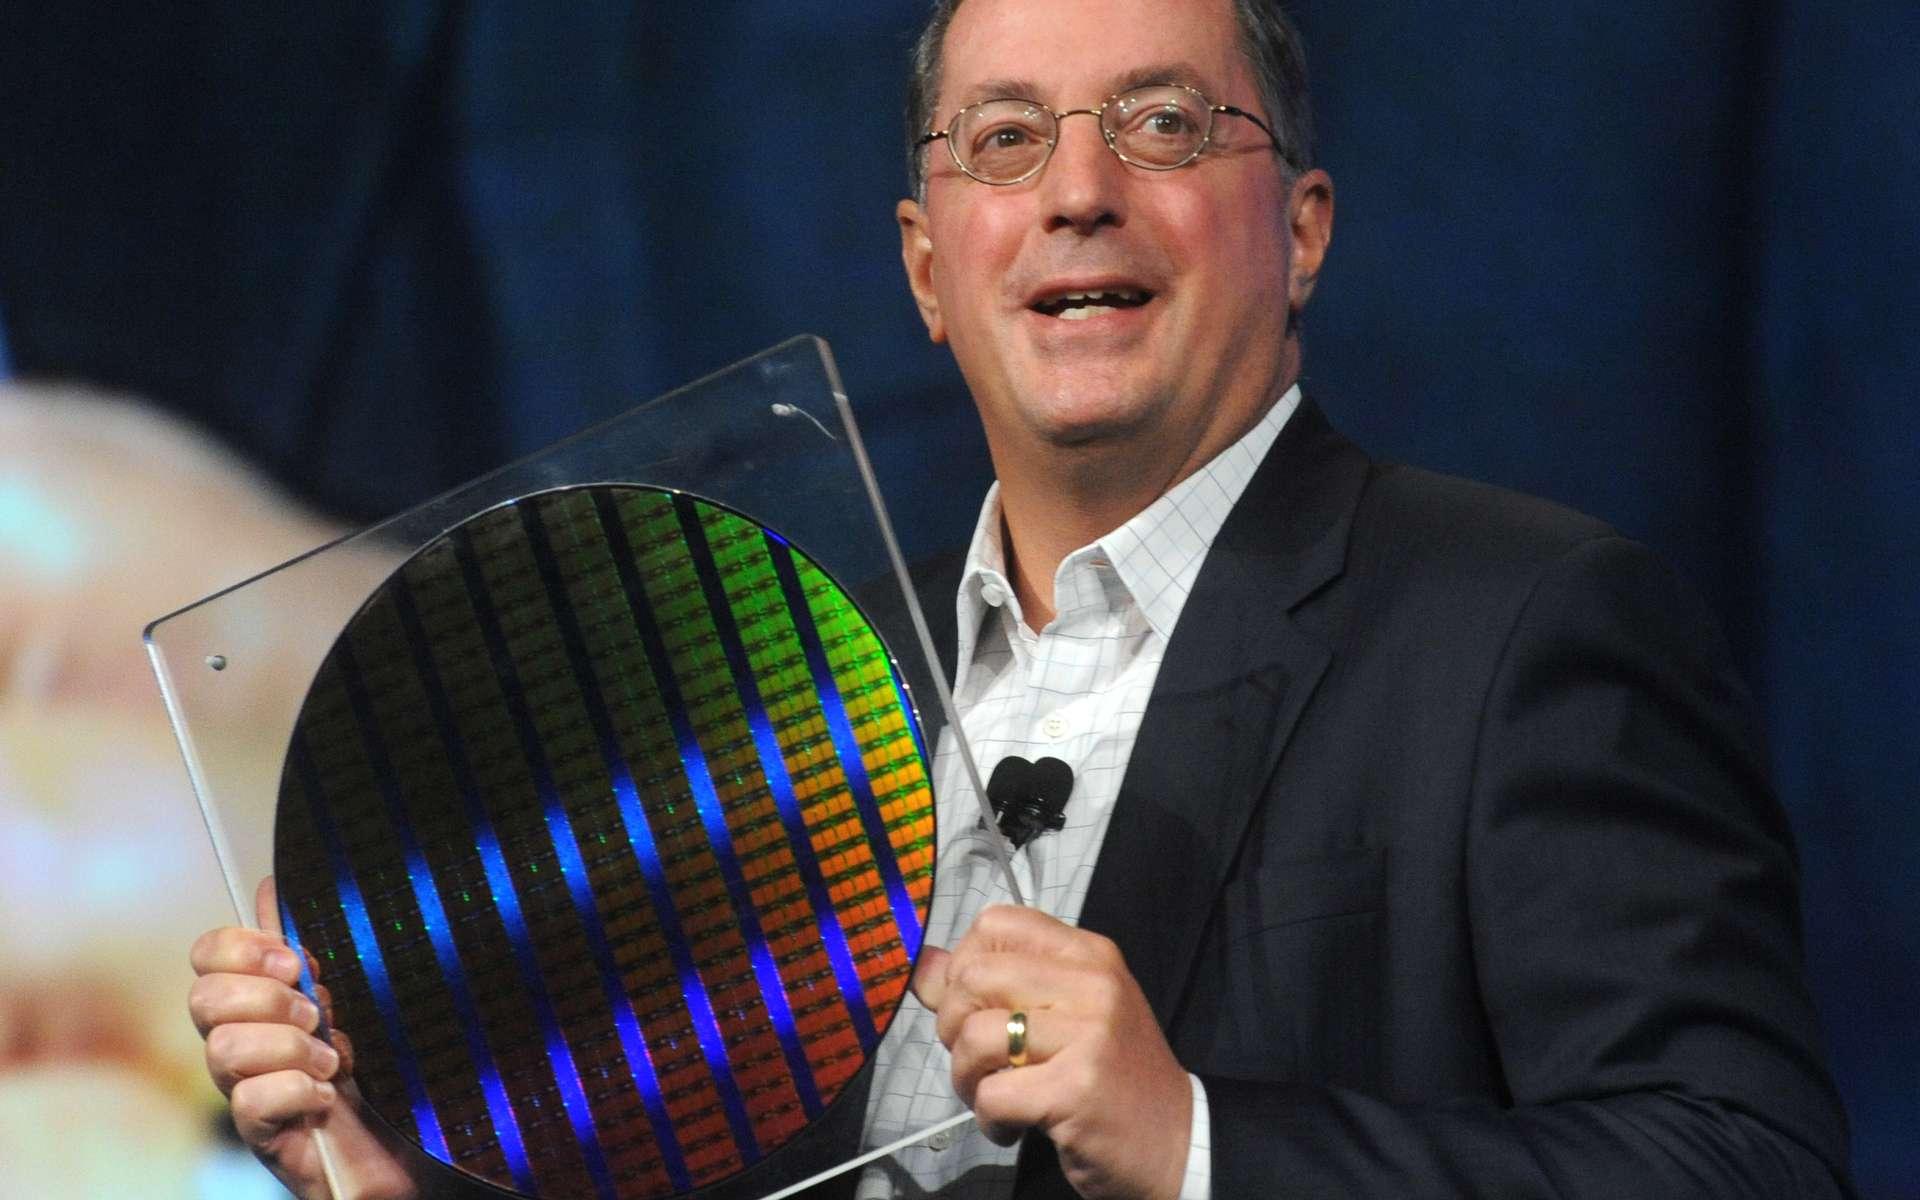 Paul Otellini, président d'Intel, montre une galette (un waffer) contenant les premiers circuits gravés à 22 nanomètres, en l'occurrence des mémoires statiques SRam dont chaque puce contient 2,9 milliards de transistors. © Intel